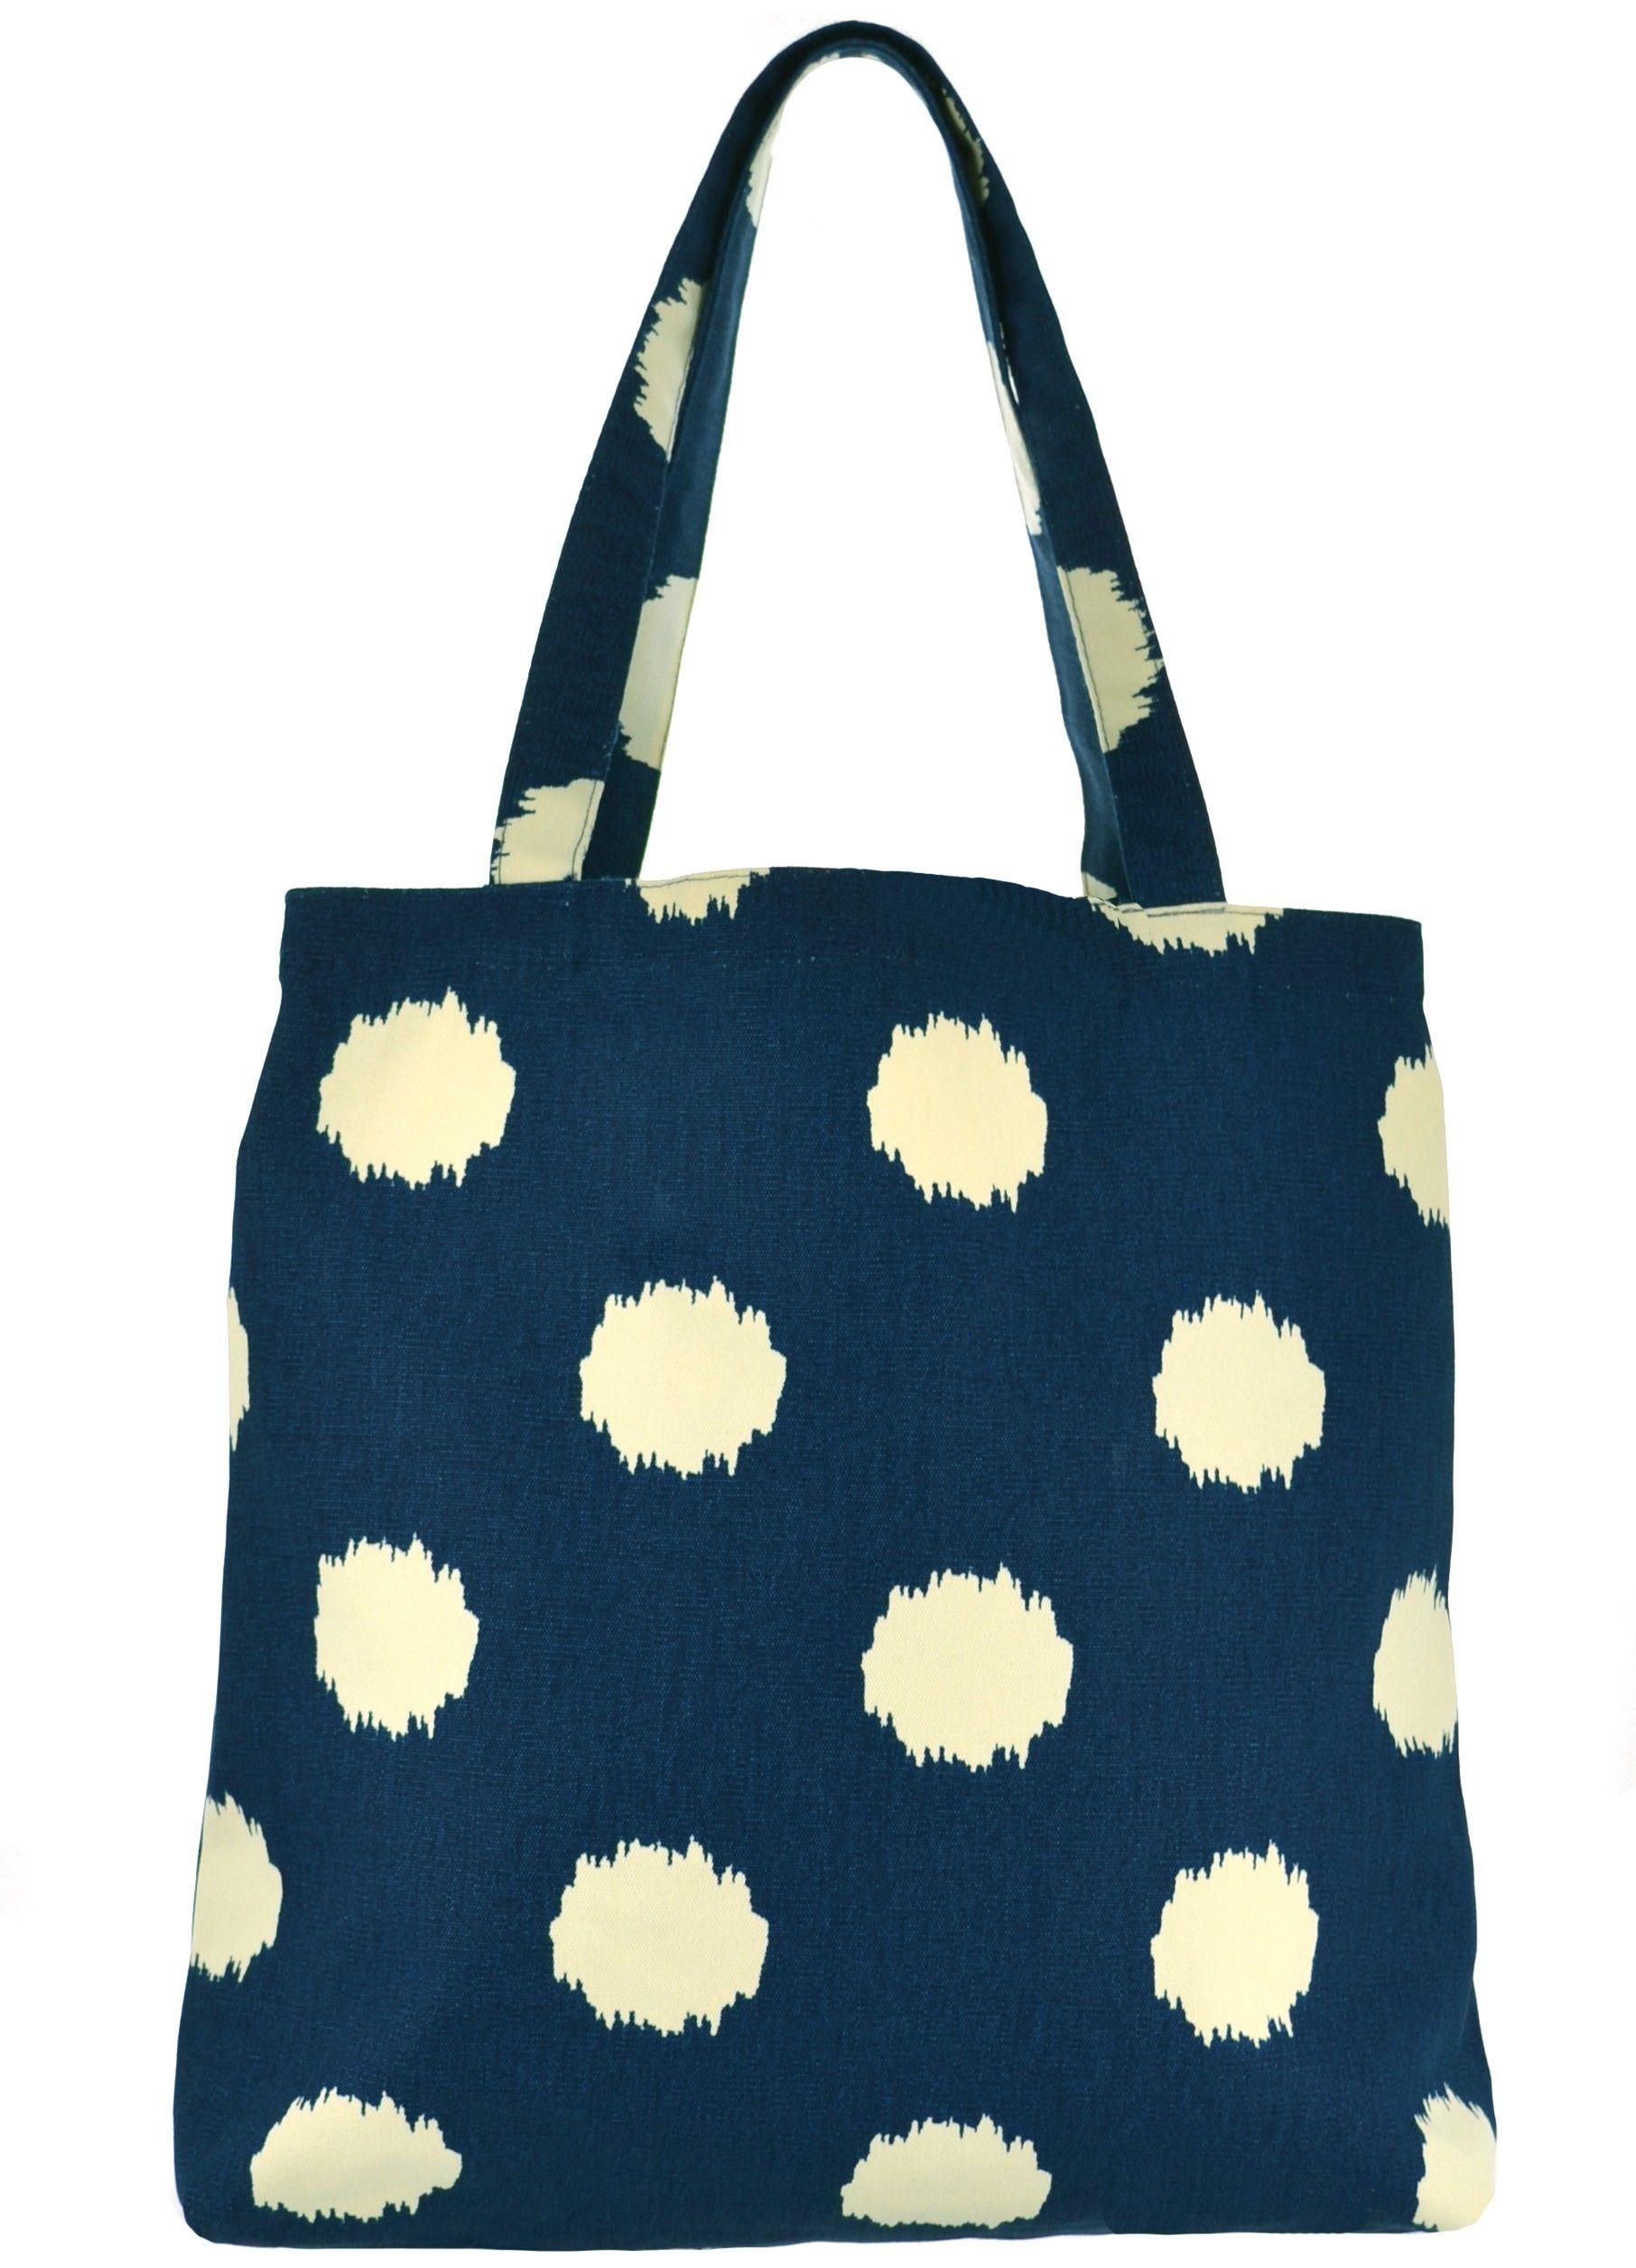 7d0e0bba0 Bolsa de tecido, modelo sacola com estampa poa azul marinho. Conhecida  também por Bolsa Sacola, Shopping Bag ou Tote Bag. Marca: Cha de Mulher